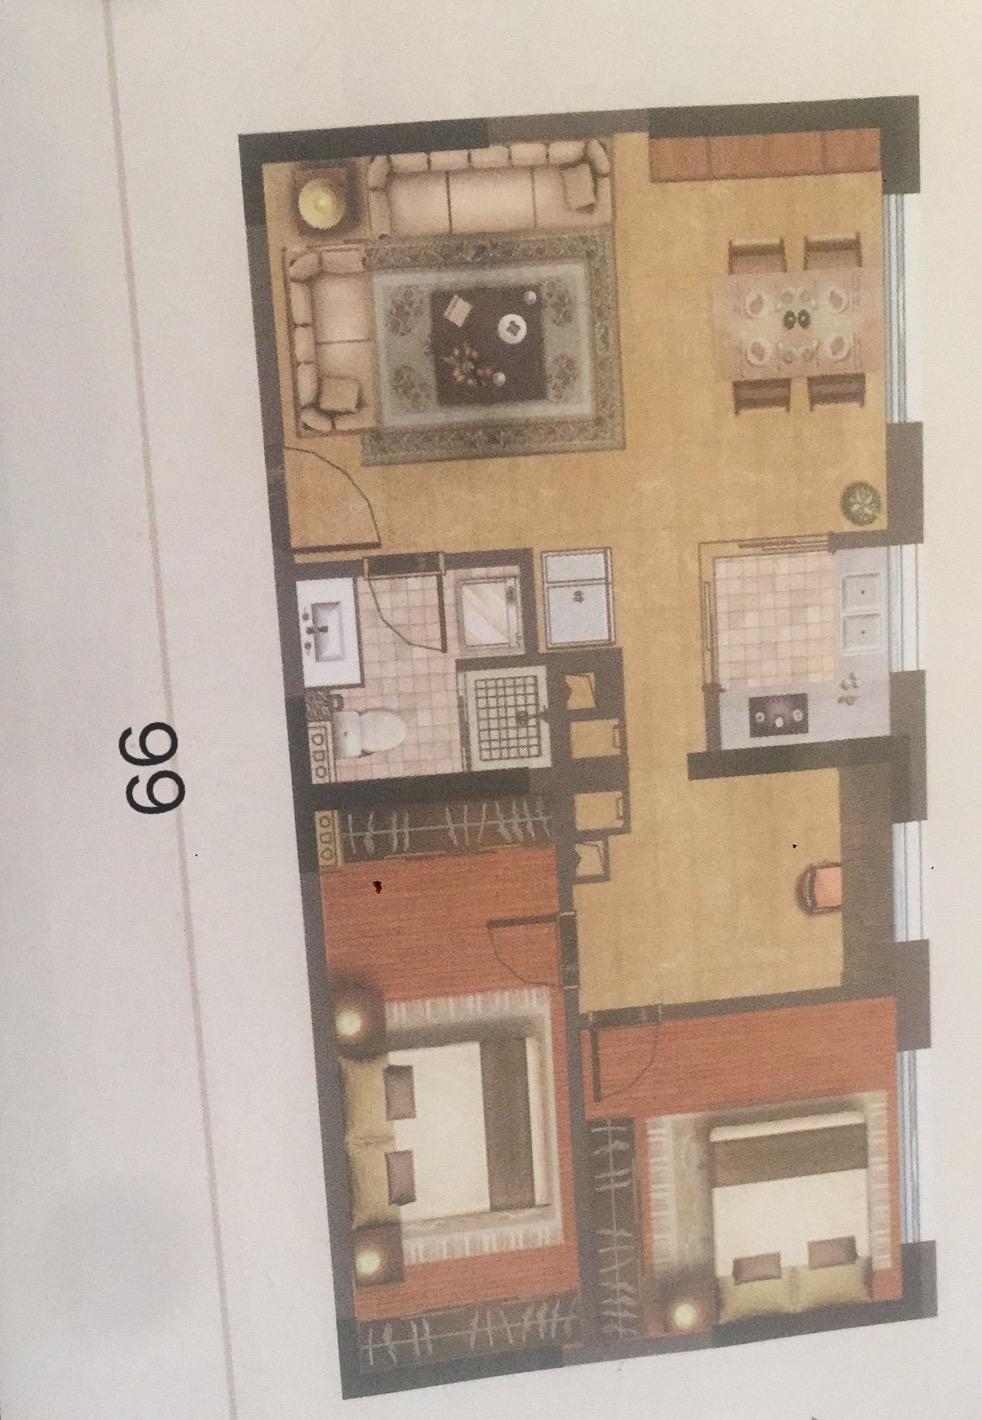 政府重点扶持项目 轻轨旁三室两厅一卫 70W